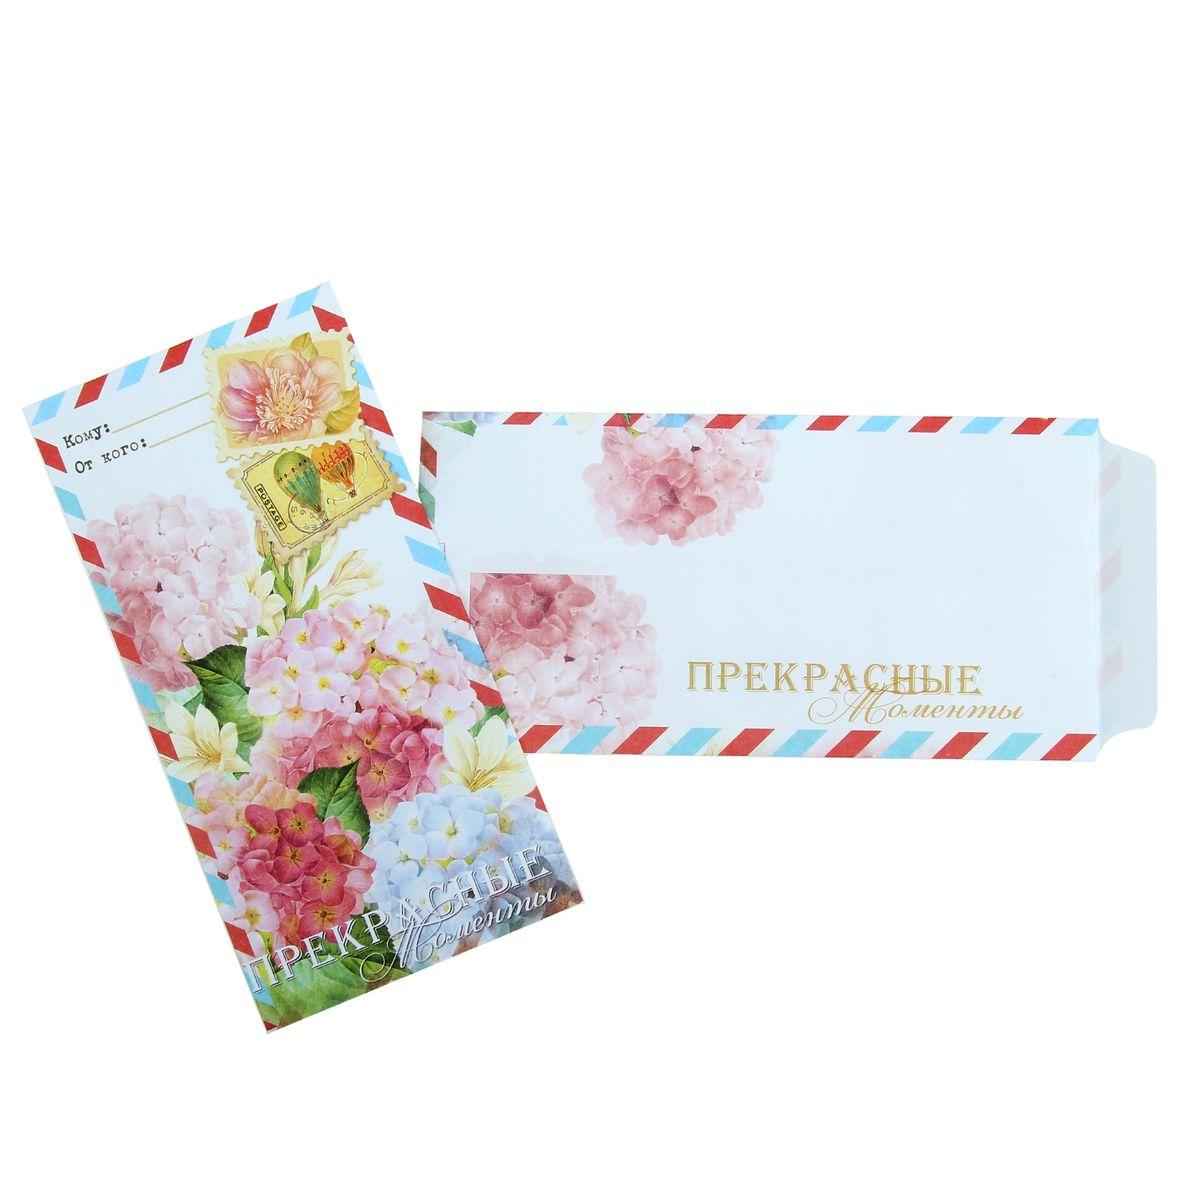 Конверт подарочный ГортензияK100Конверт подарочный Гортензия выполнен из бумаги. Лицевая сторона украшена множеством соцветий гортензии, а также двумя нарисованными марками и надписью Прекрасные моменты. Такой конверт прекрасно подойдет для оформления подарка.